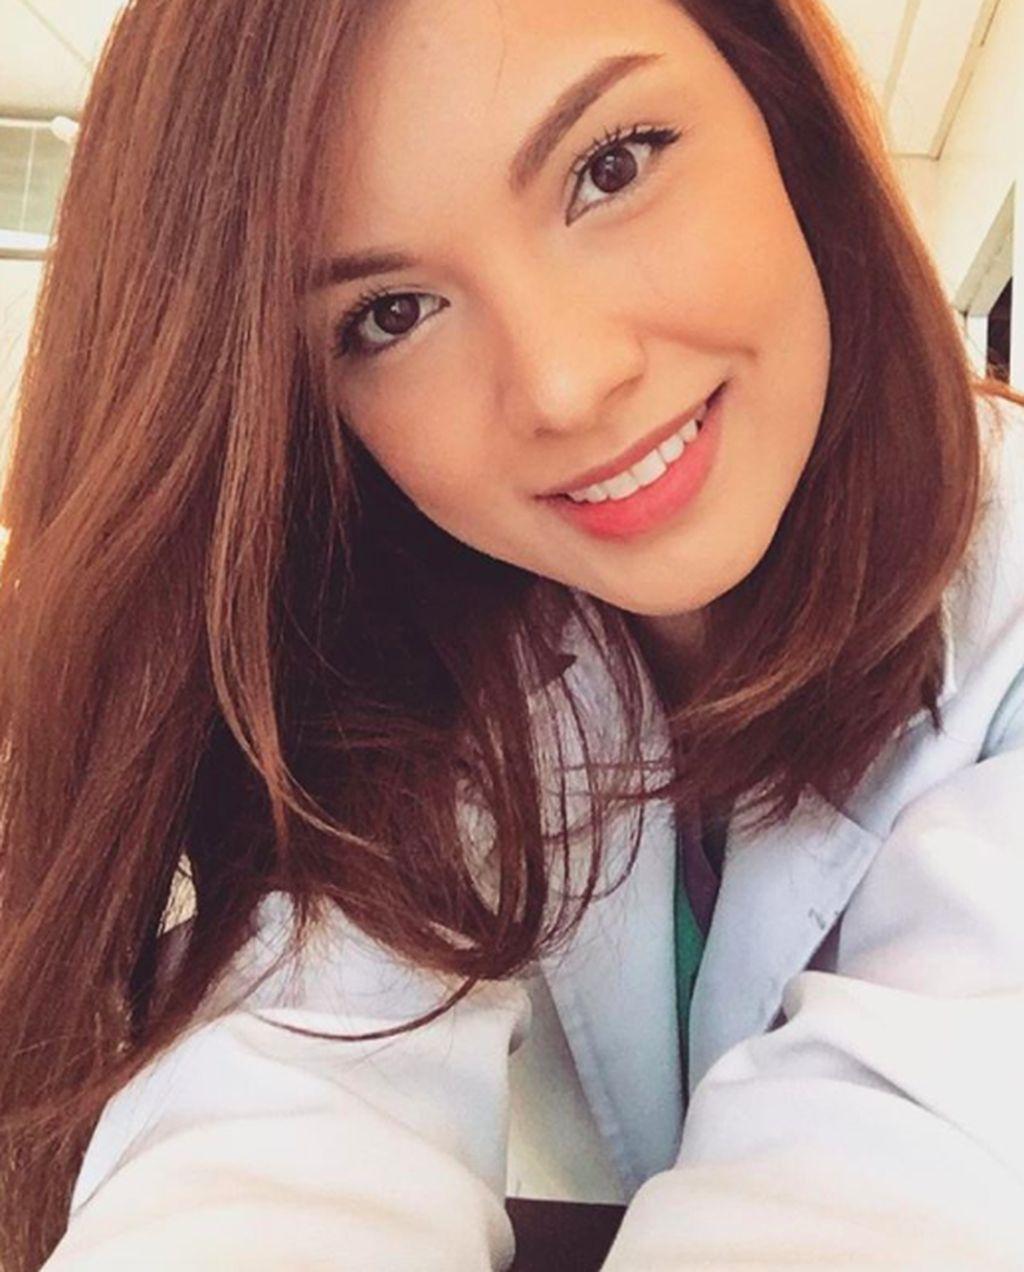 Namanya Dr Marjan Nassiri, berusia 29 tahun dan berprofesi sebagai dokter gigi. Foto: Instagram